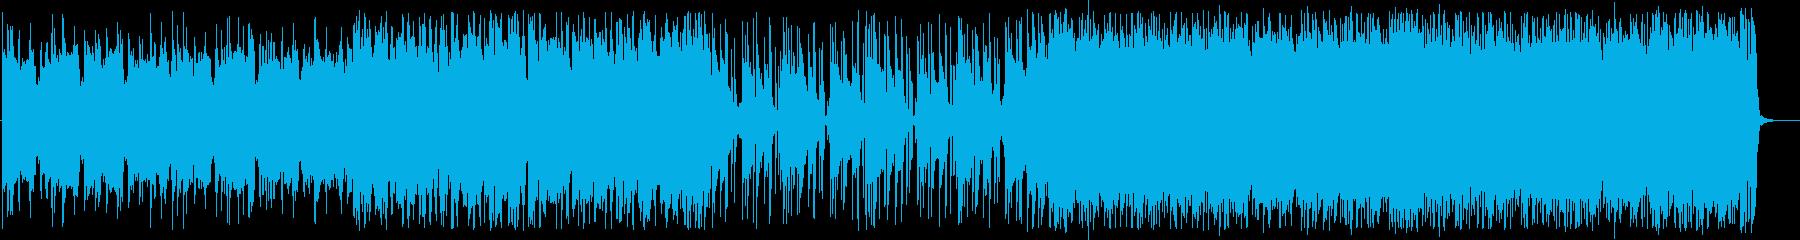 疾走感/エレクトロロック_No471_2の再生済みの波形